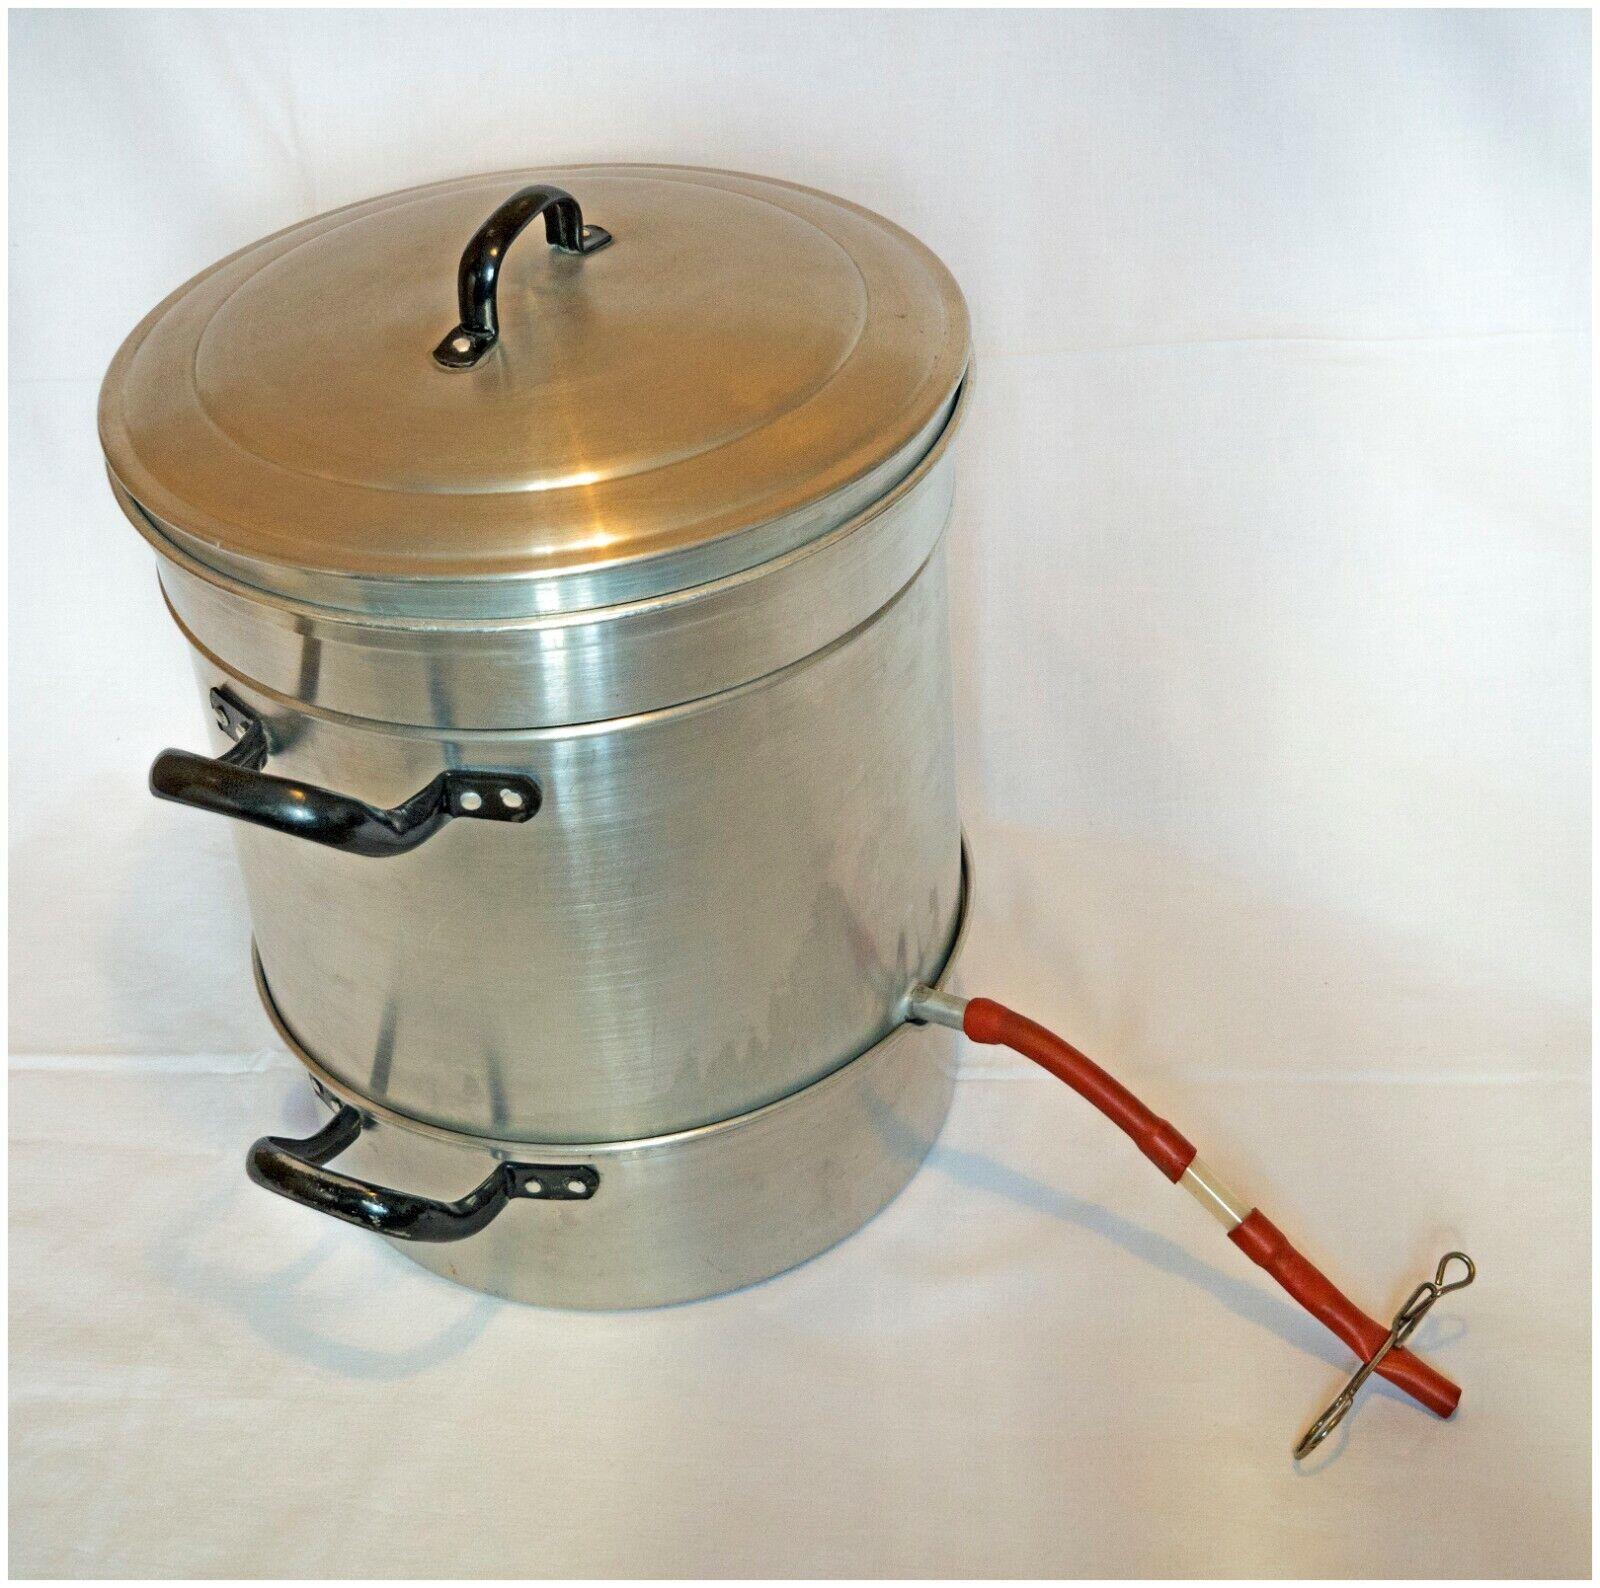 Aluminium-Dampf-Entsafter: Obst entsaften und pasteurisieren, Ø = 30 cm komplett